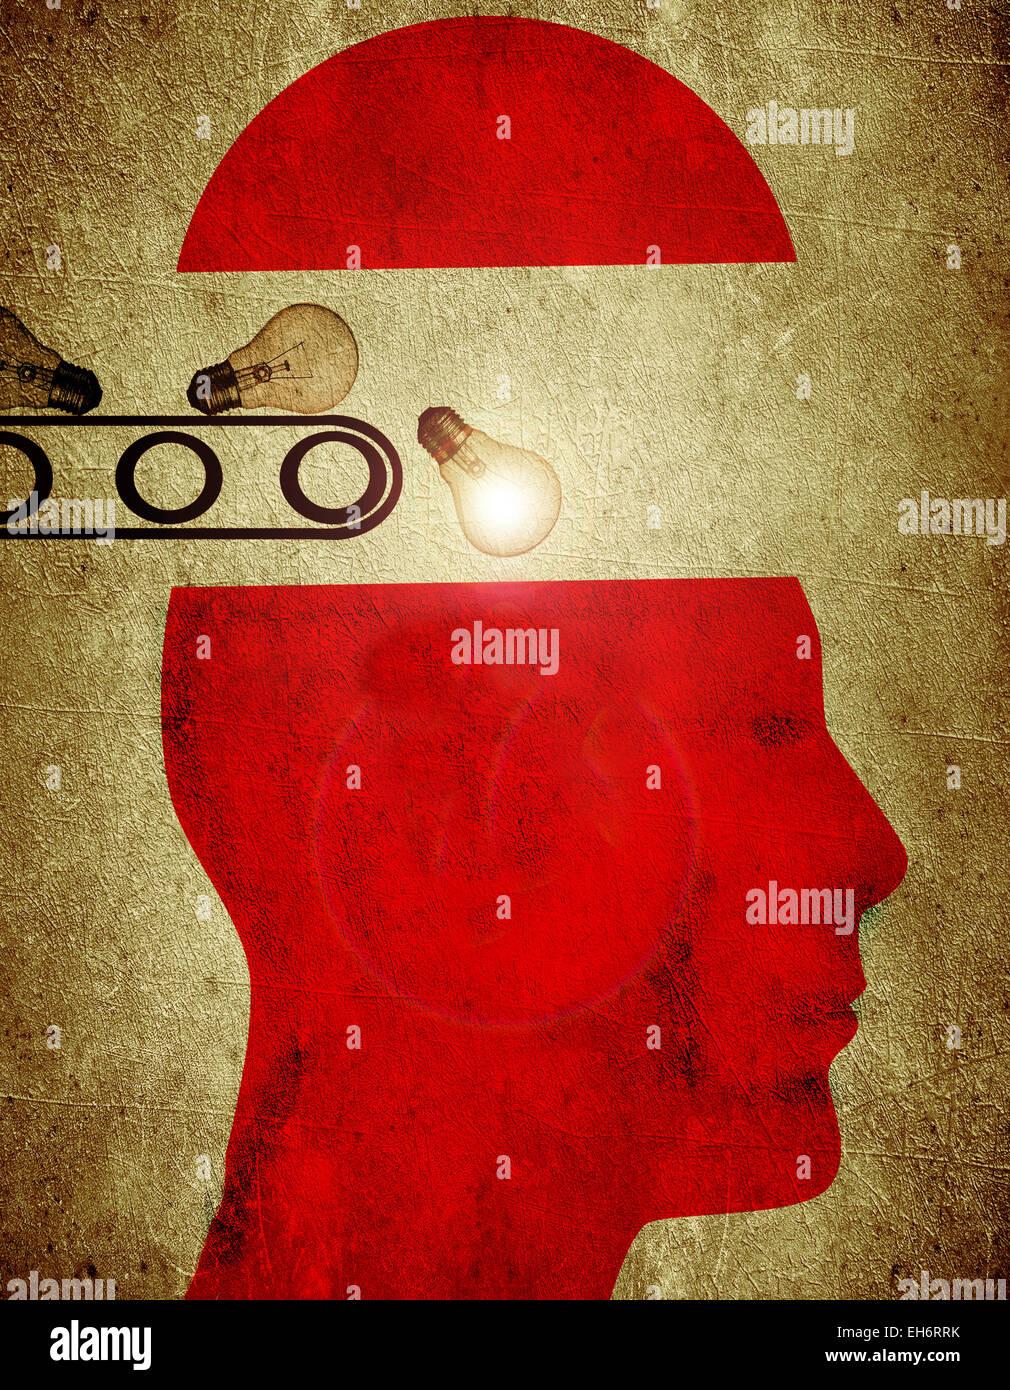 Silhouette rosso con lampadina creatività concetto di fabbrica illustrazione digitale Immagini Stock